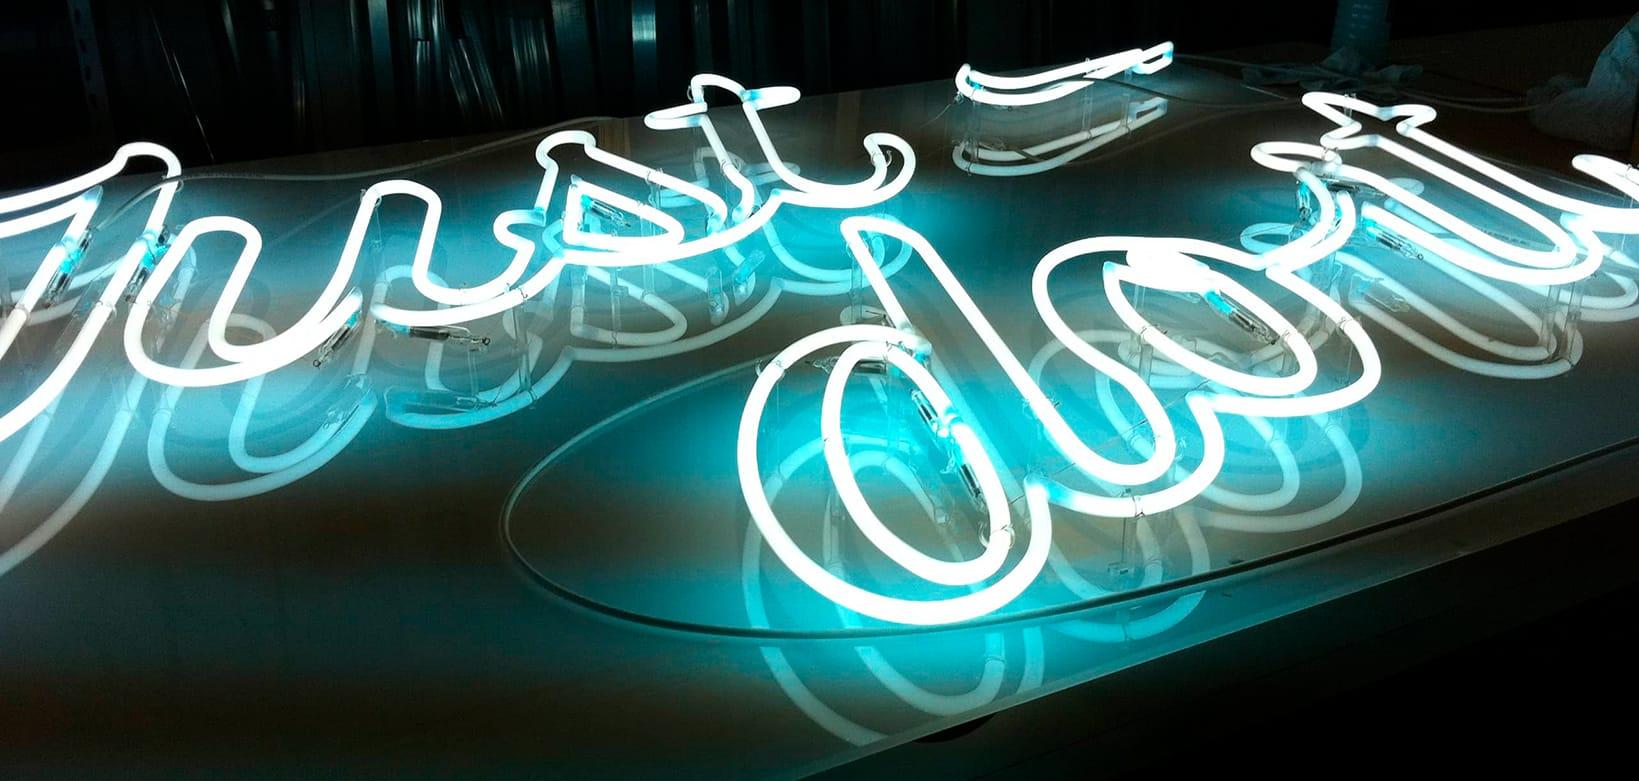 Rótulo luminoso neon para tienda de las marca Nike en Madrid mejora la comunicación visual